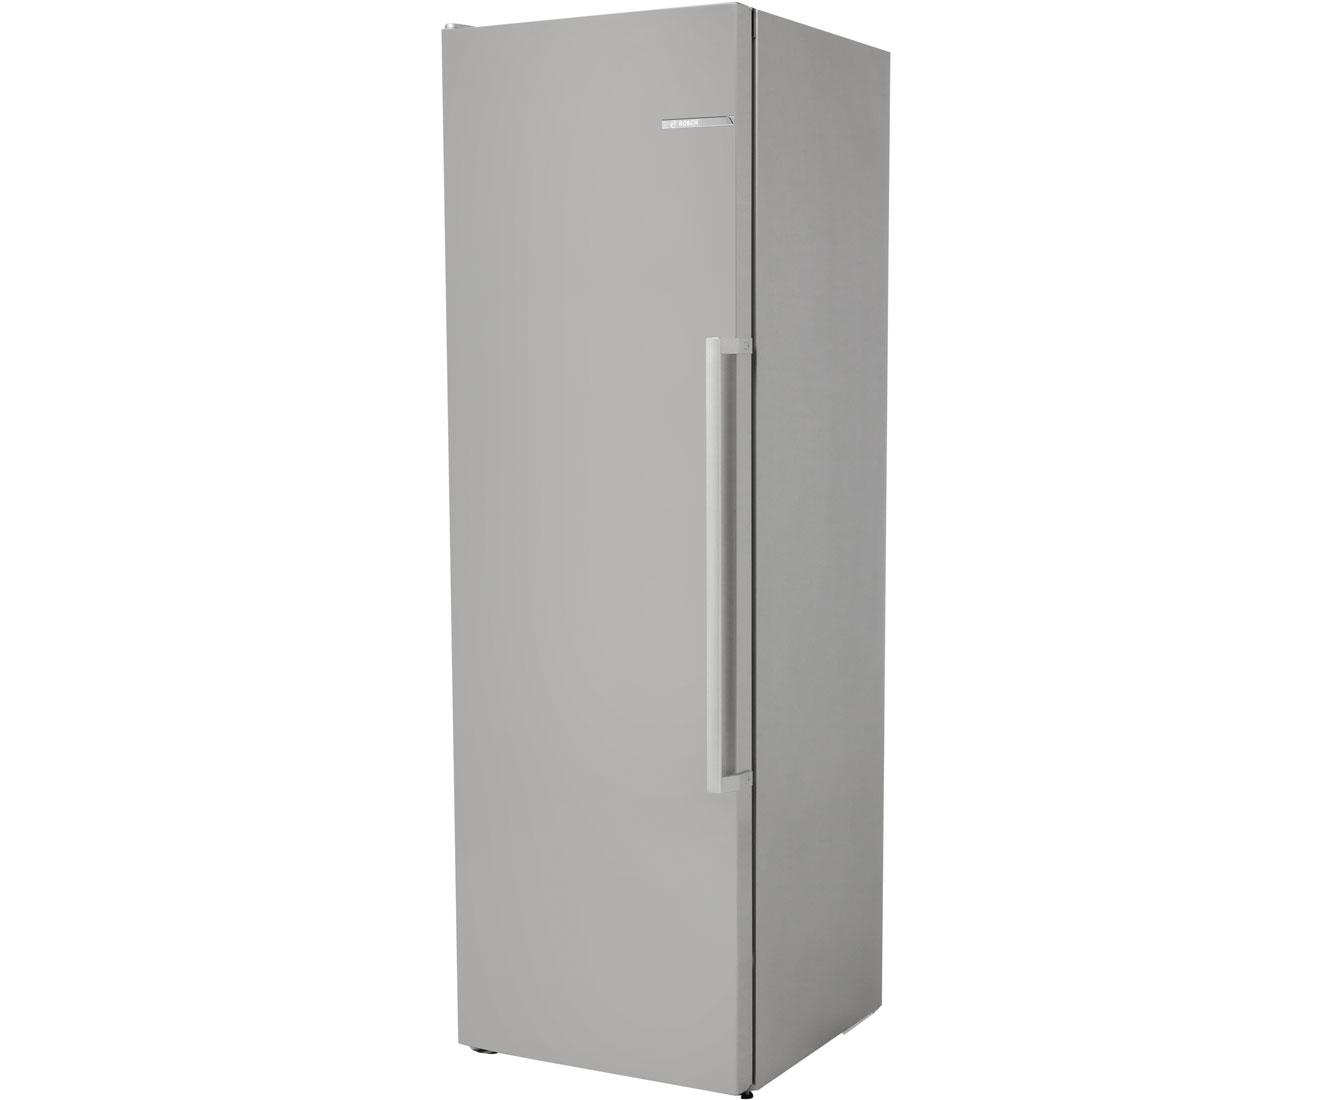 Gorenje Kühlschrank Silber : Edelstahl kühlschrank preisvergleich u die besten angebote online